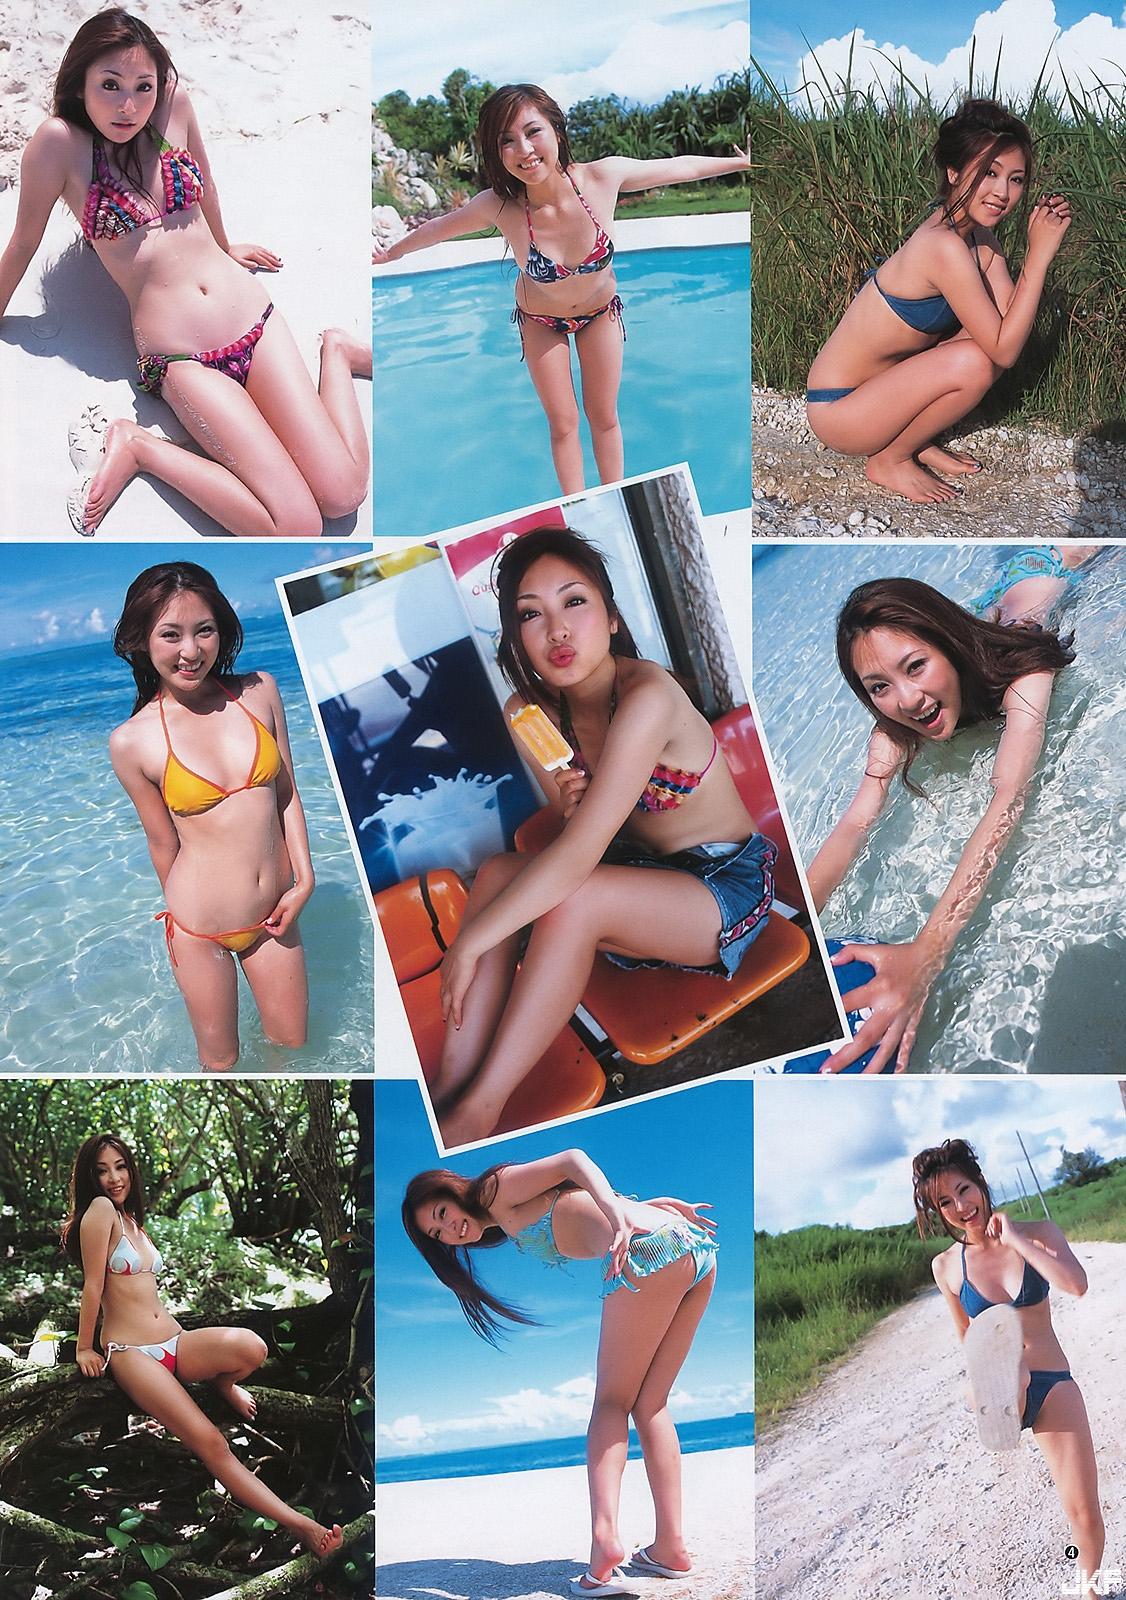 tatsumi-natsuko-535429.jpg